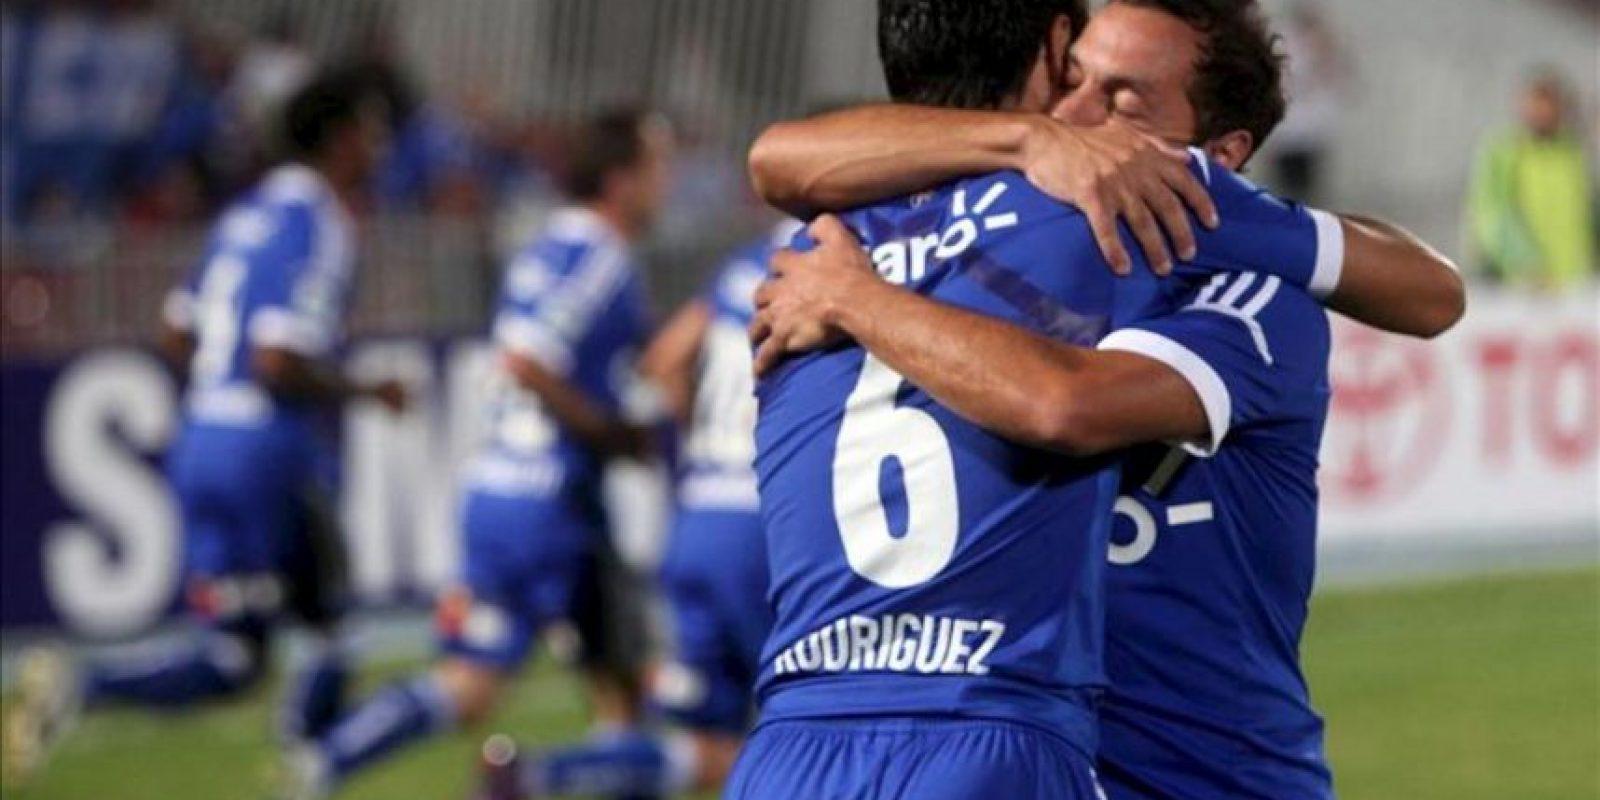 El jugador de la Universidad de Chile Matías Rodriguez (i) celebra su gol contra Peñarol, durante la primera ronda de clasificación de la Copa Libertadores en el Estadio Nacional de Santiago (Chile). EFE